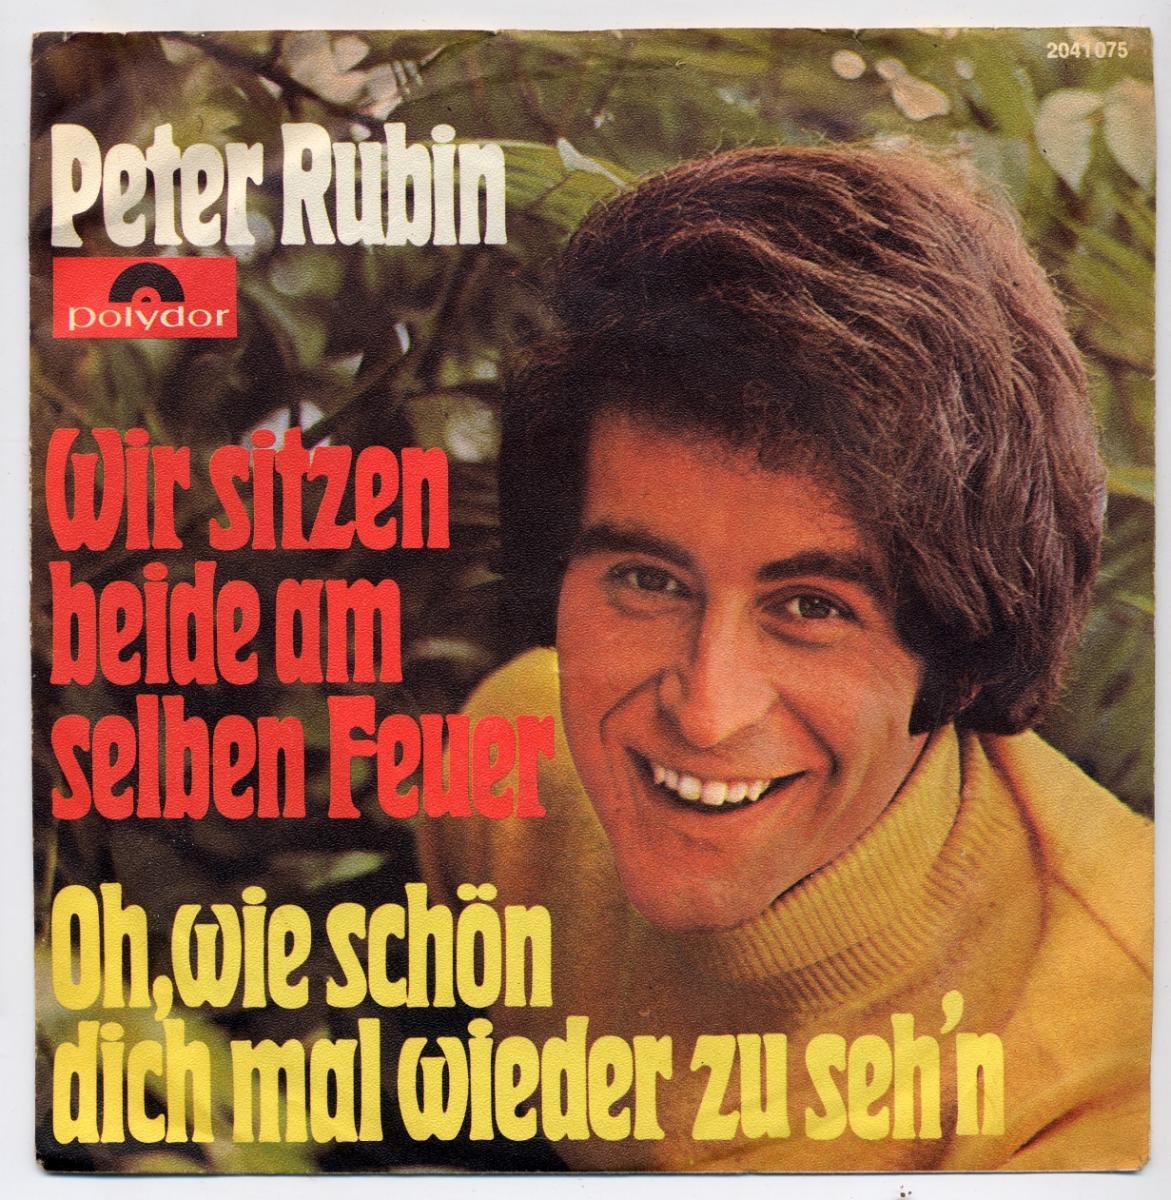 Peter Rubin: <br> </b>Wir sitzen beide am selben Feuer / Oh, wie schön dich mal wieder zu seh\'n <br>Polydor 2041 075, (P) 1970